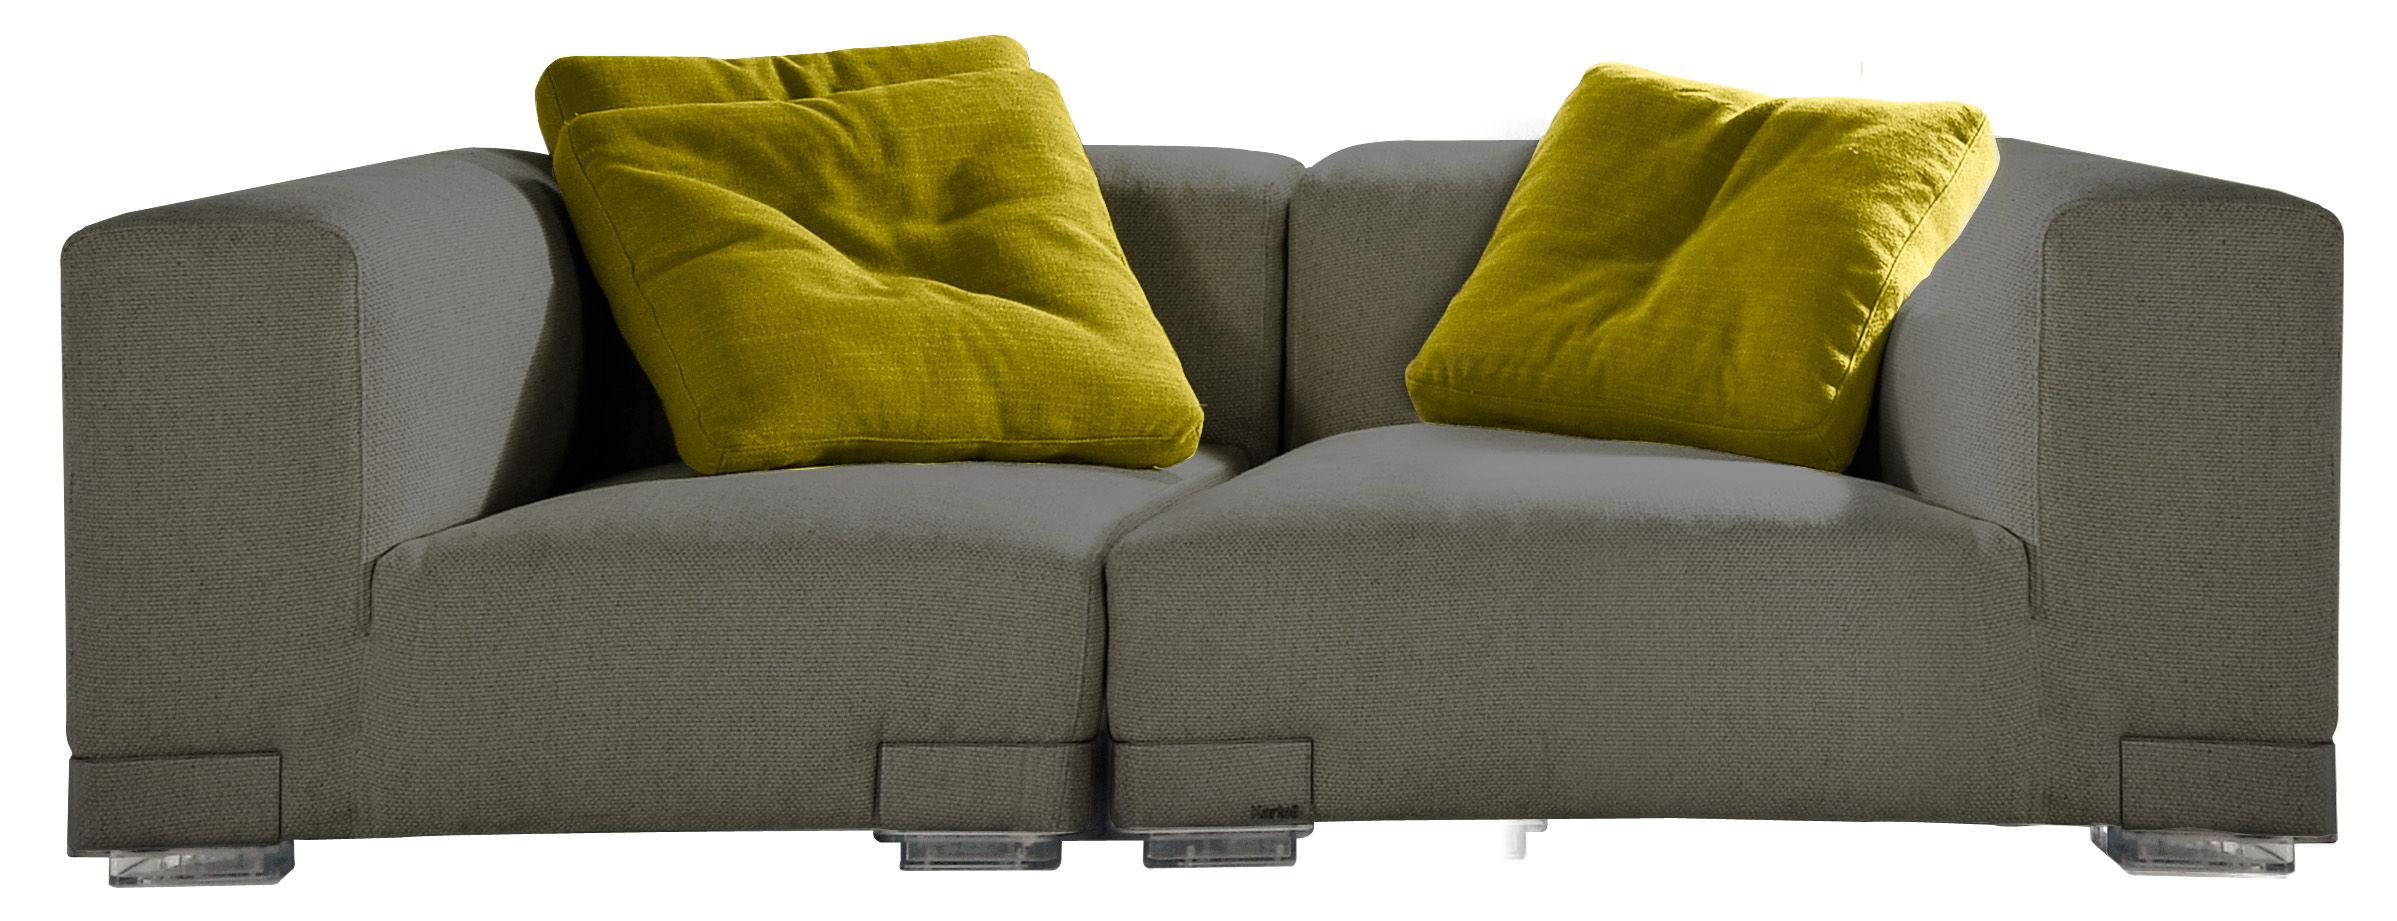 Arredamento - Divani moderni - Divano destro Plastics Duo - Composizione 2 di Kartell - Grigio - policarbonato, Tessuto